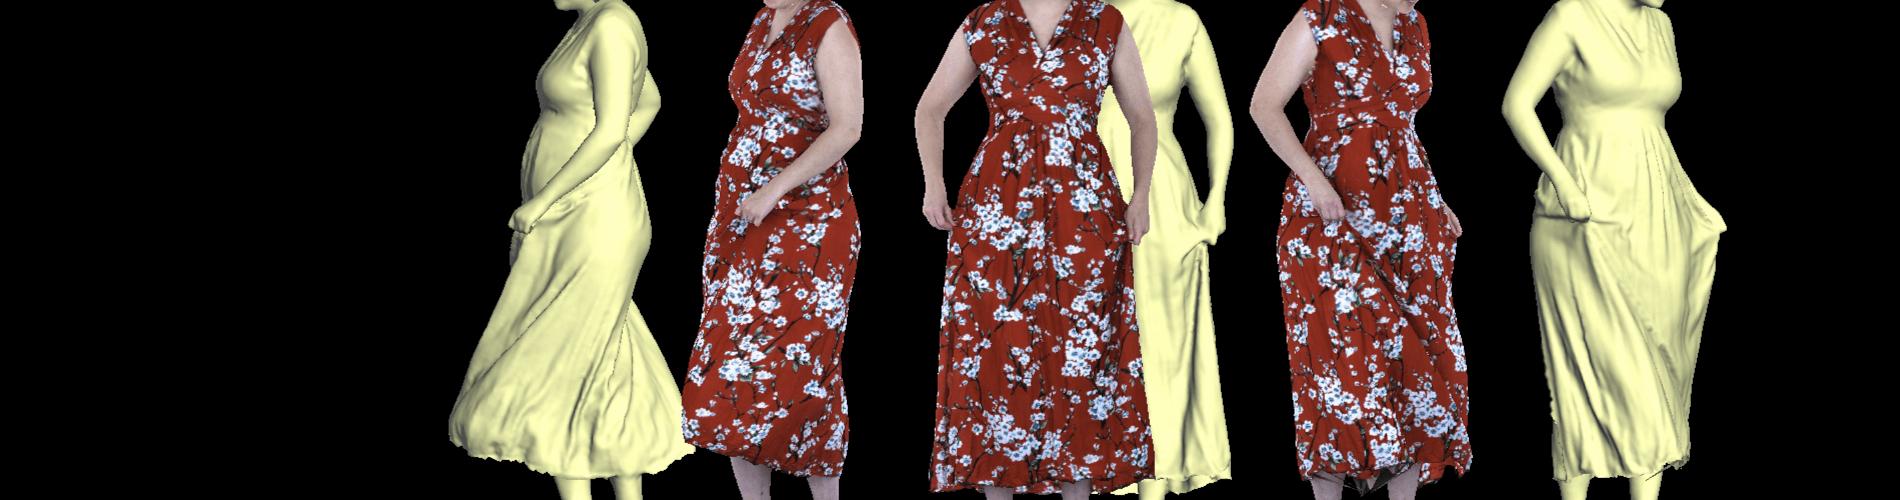 KH-dress-1-19-x-5